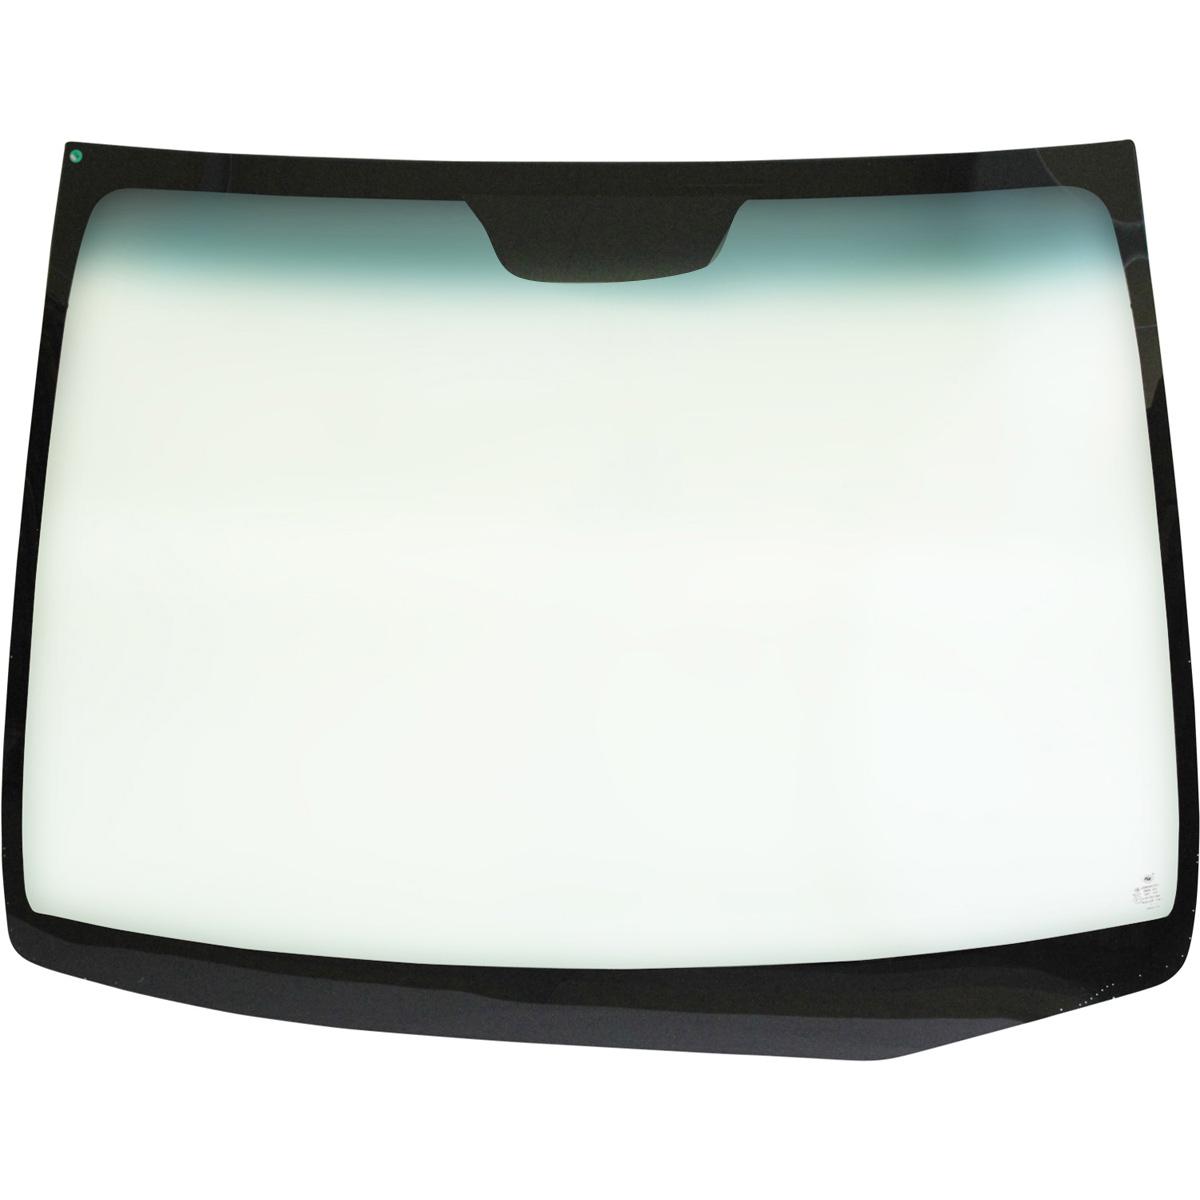 ホンダ N BOX /N BOX カスタム 5D WG用フロントガラス 車両型式:JF3/4系 年式:H.29.9- ガラス型式:TTAM ガラス色:グリーン ボカシ:ブルー